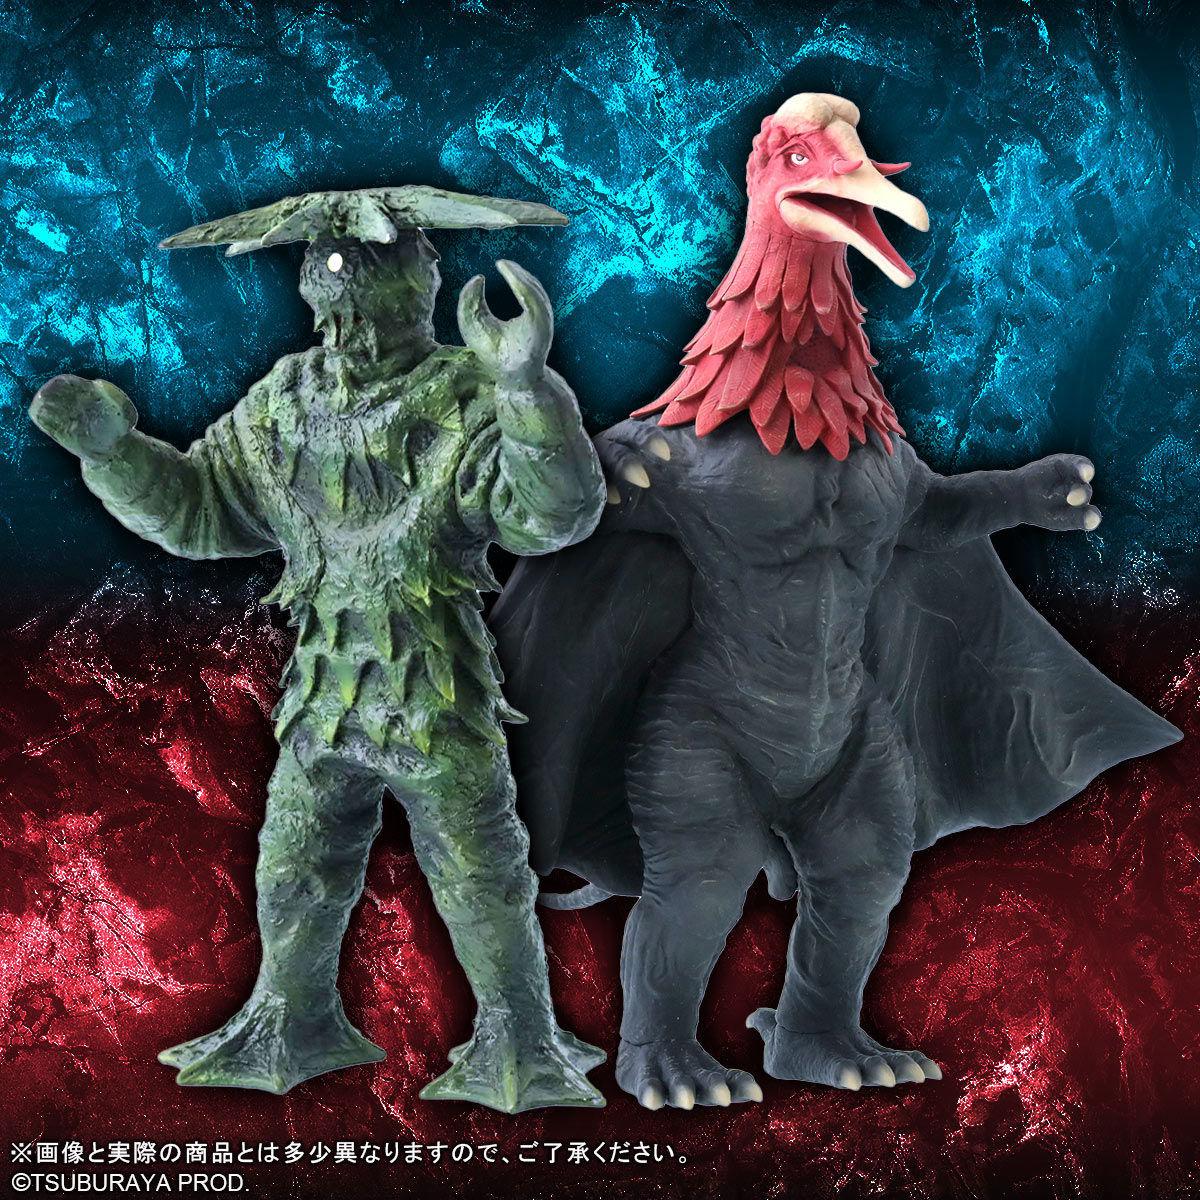 【限定販売】ウルトラ大怪獣シリーズ5000『テペト/テロチルス』完成品フィギュア-008